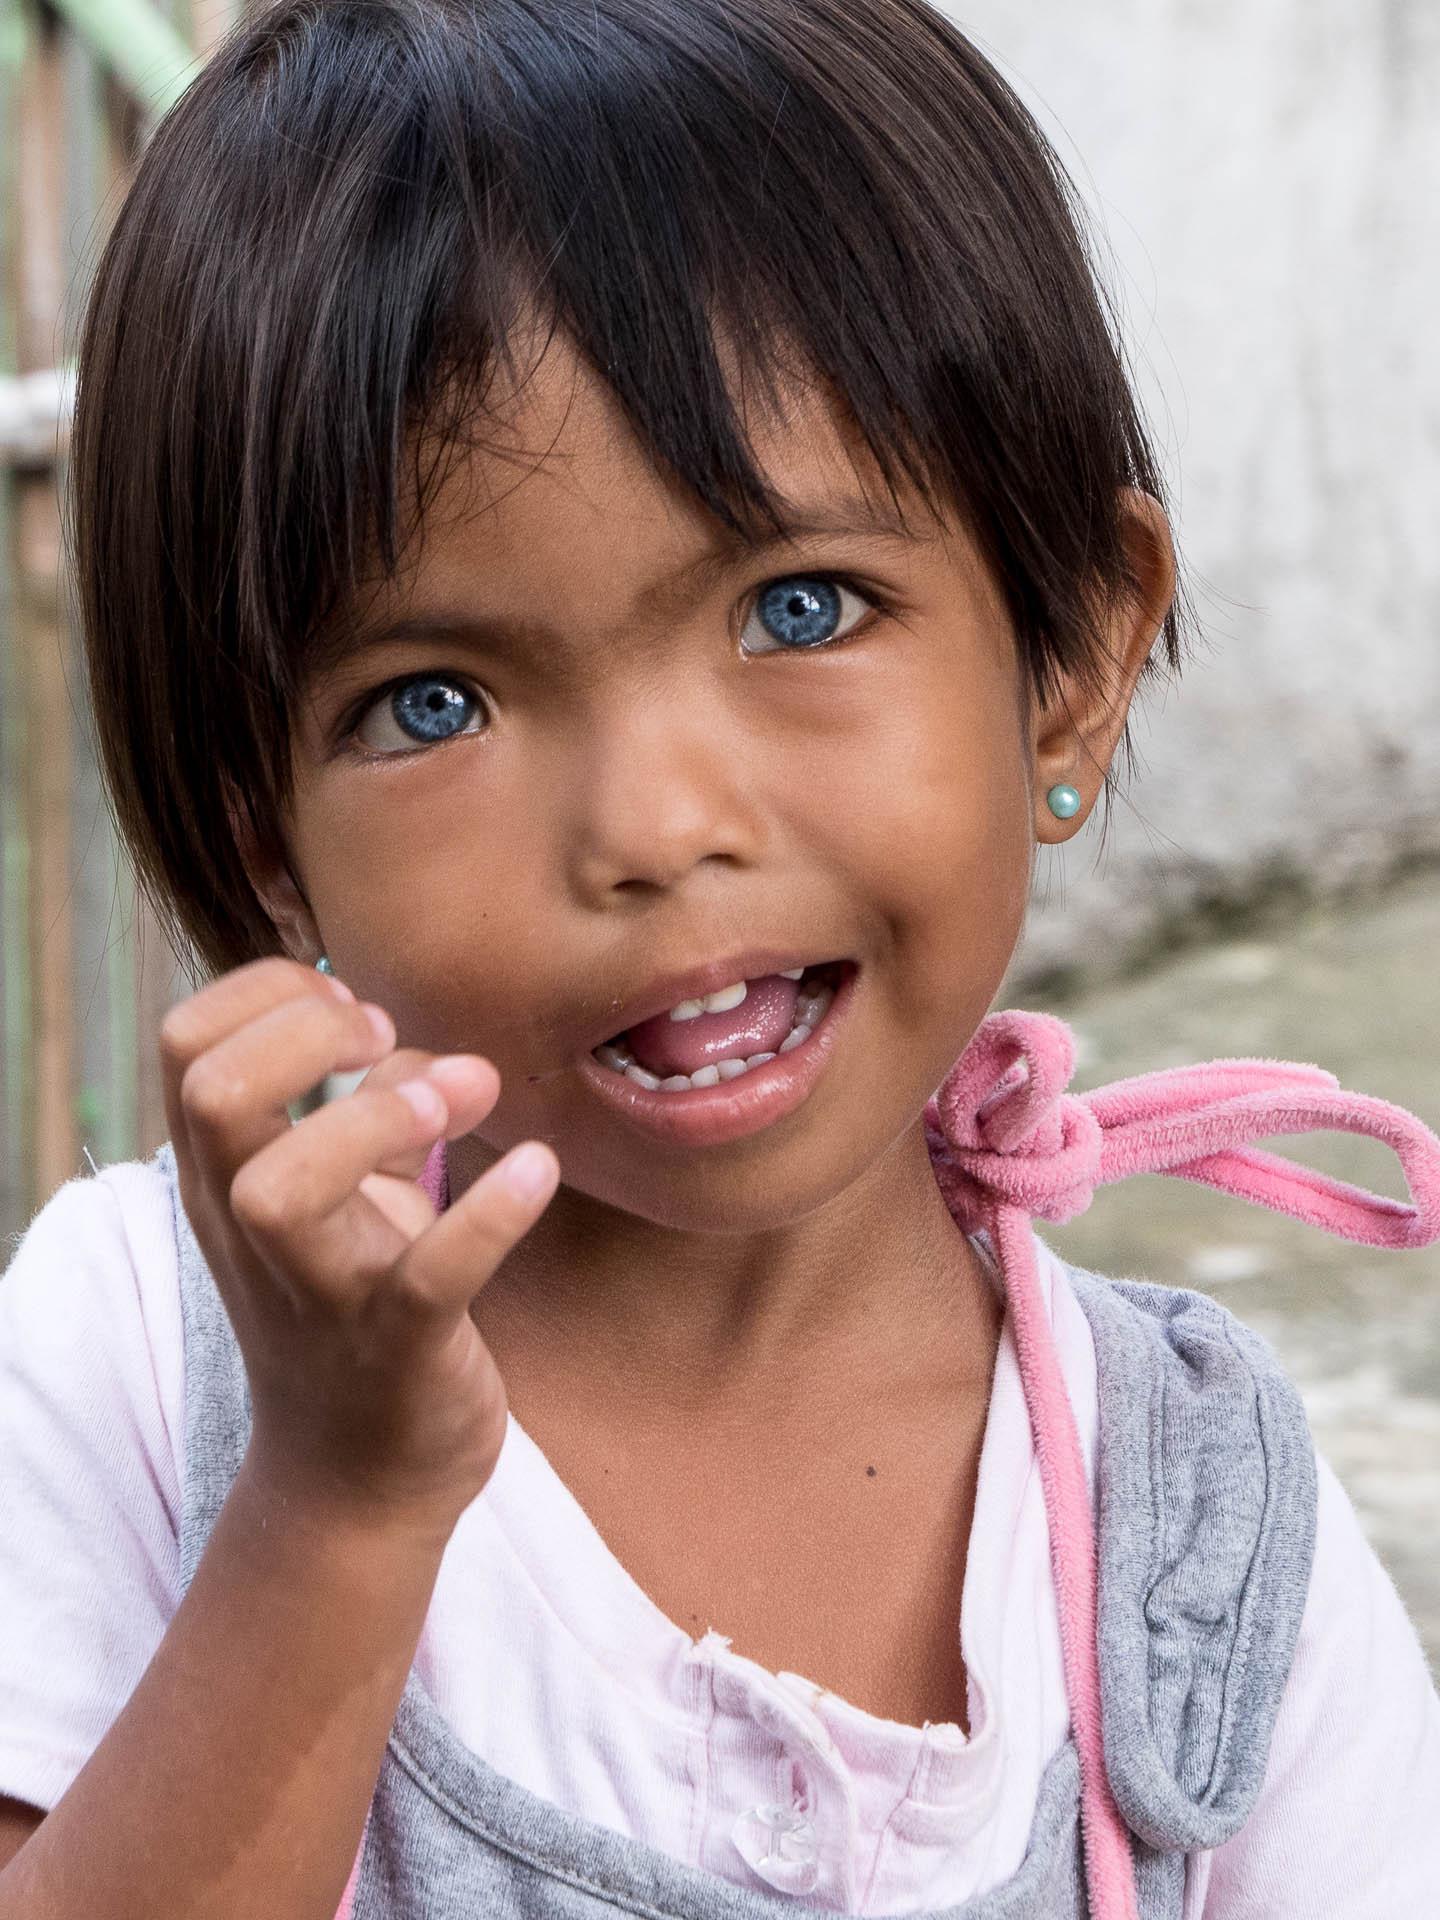 Pamilacan yeux bleus - Les globe blogueurs - blog voyage nature